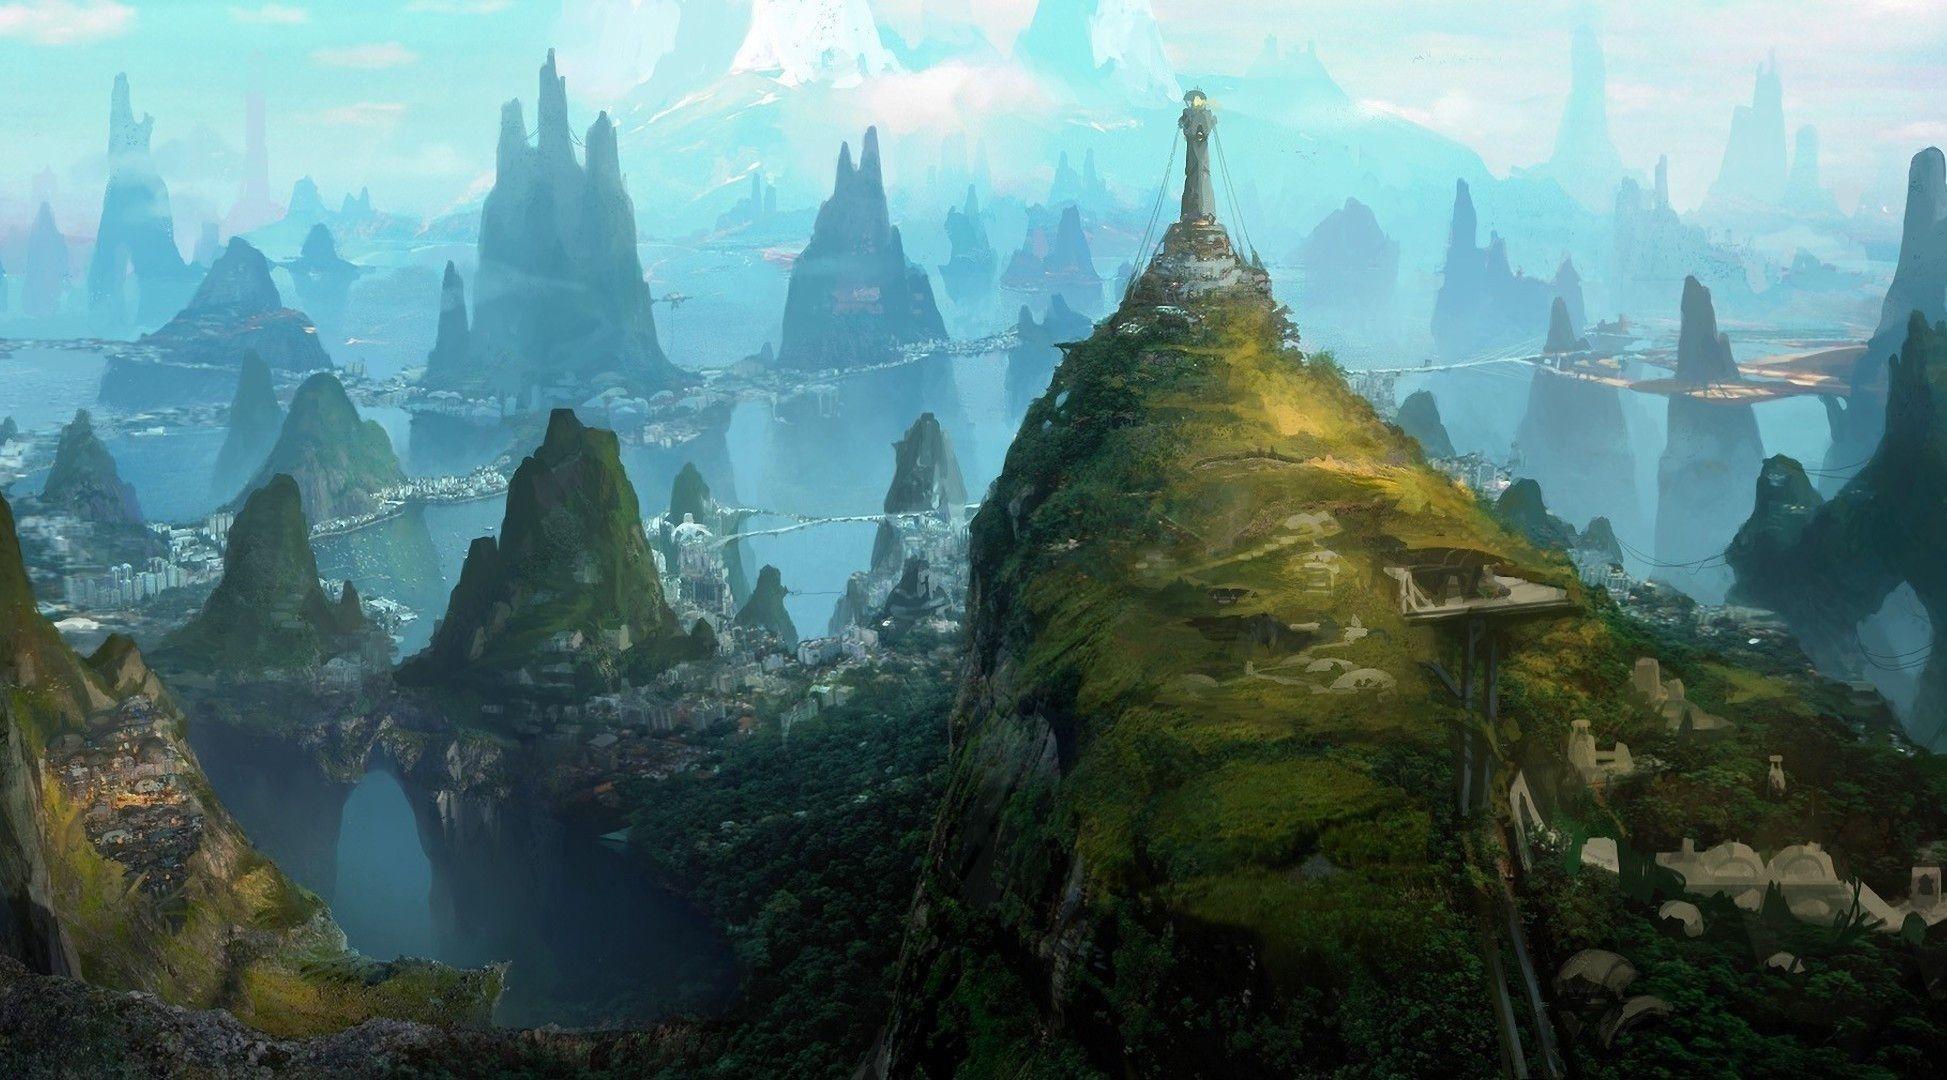 Fantasy Landscape City Photos 14861 Full HD Wallpaper Desktop .